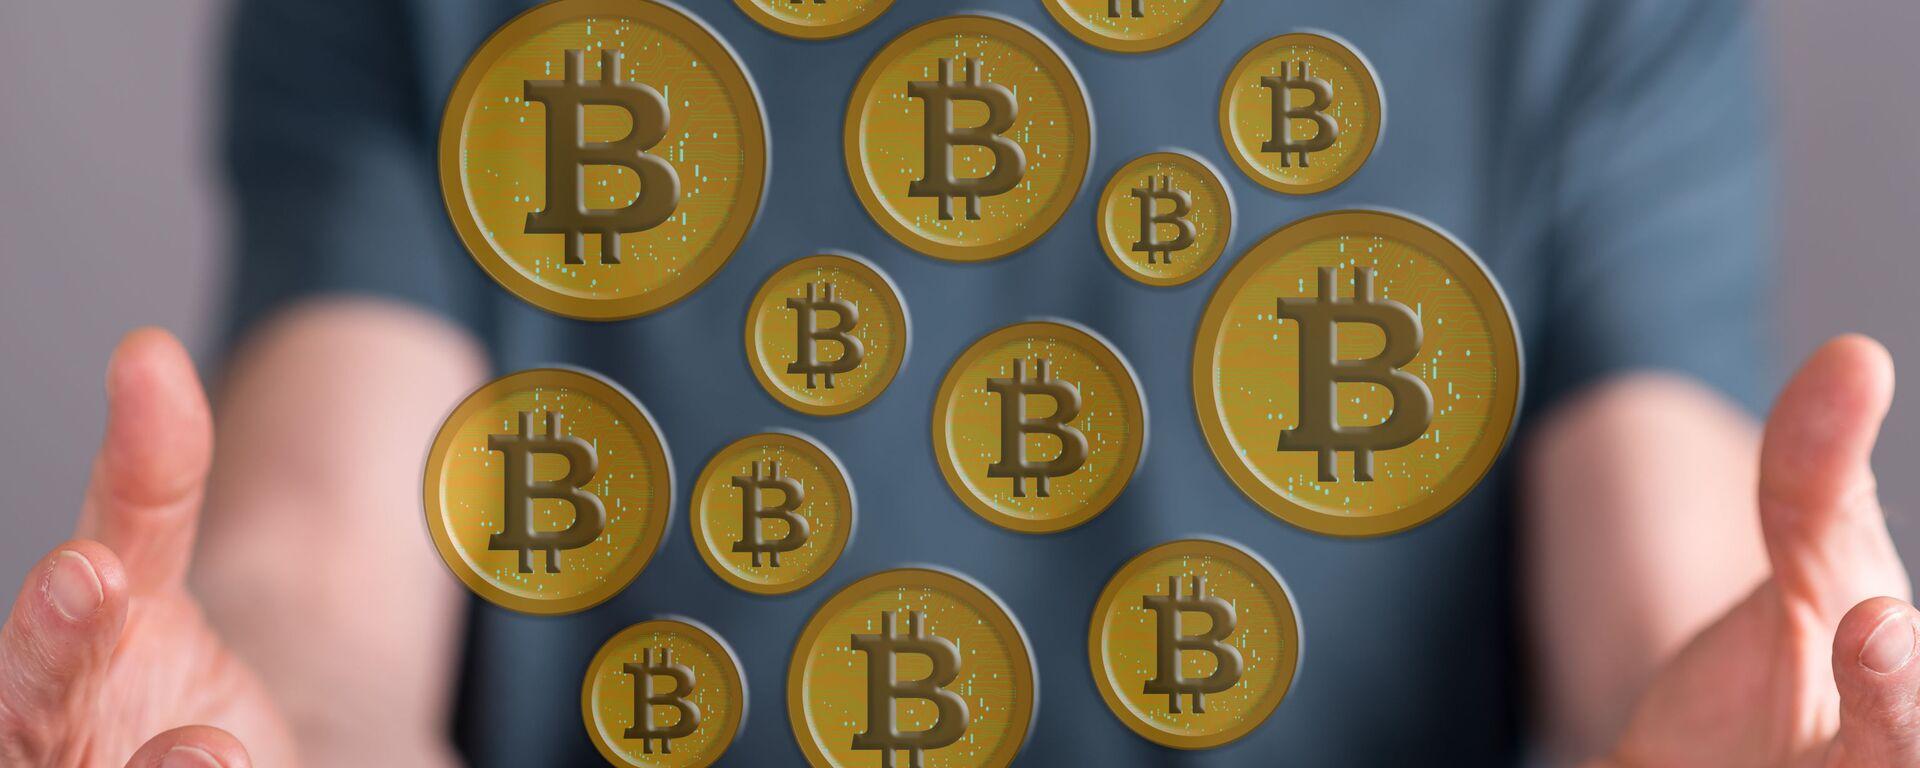 Bitcoiny - Sputnik Česká republika, 1920, 13.06.2021